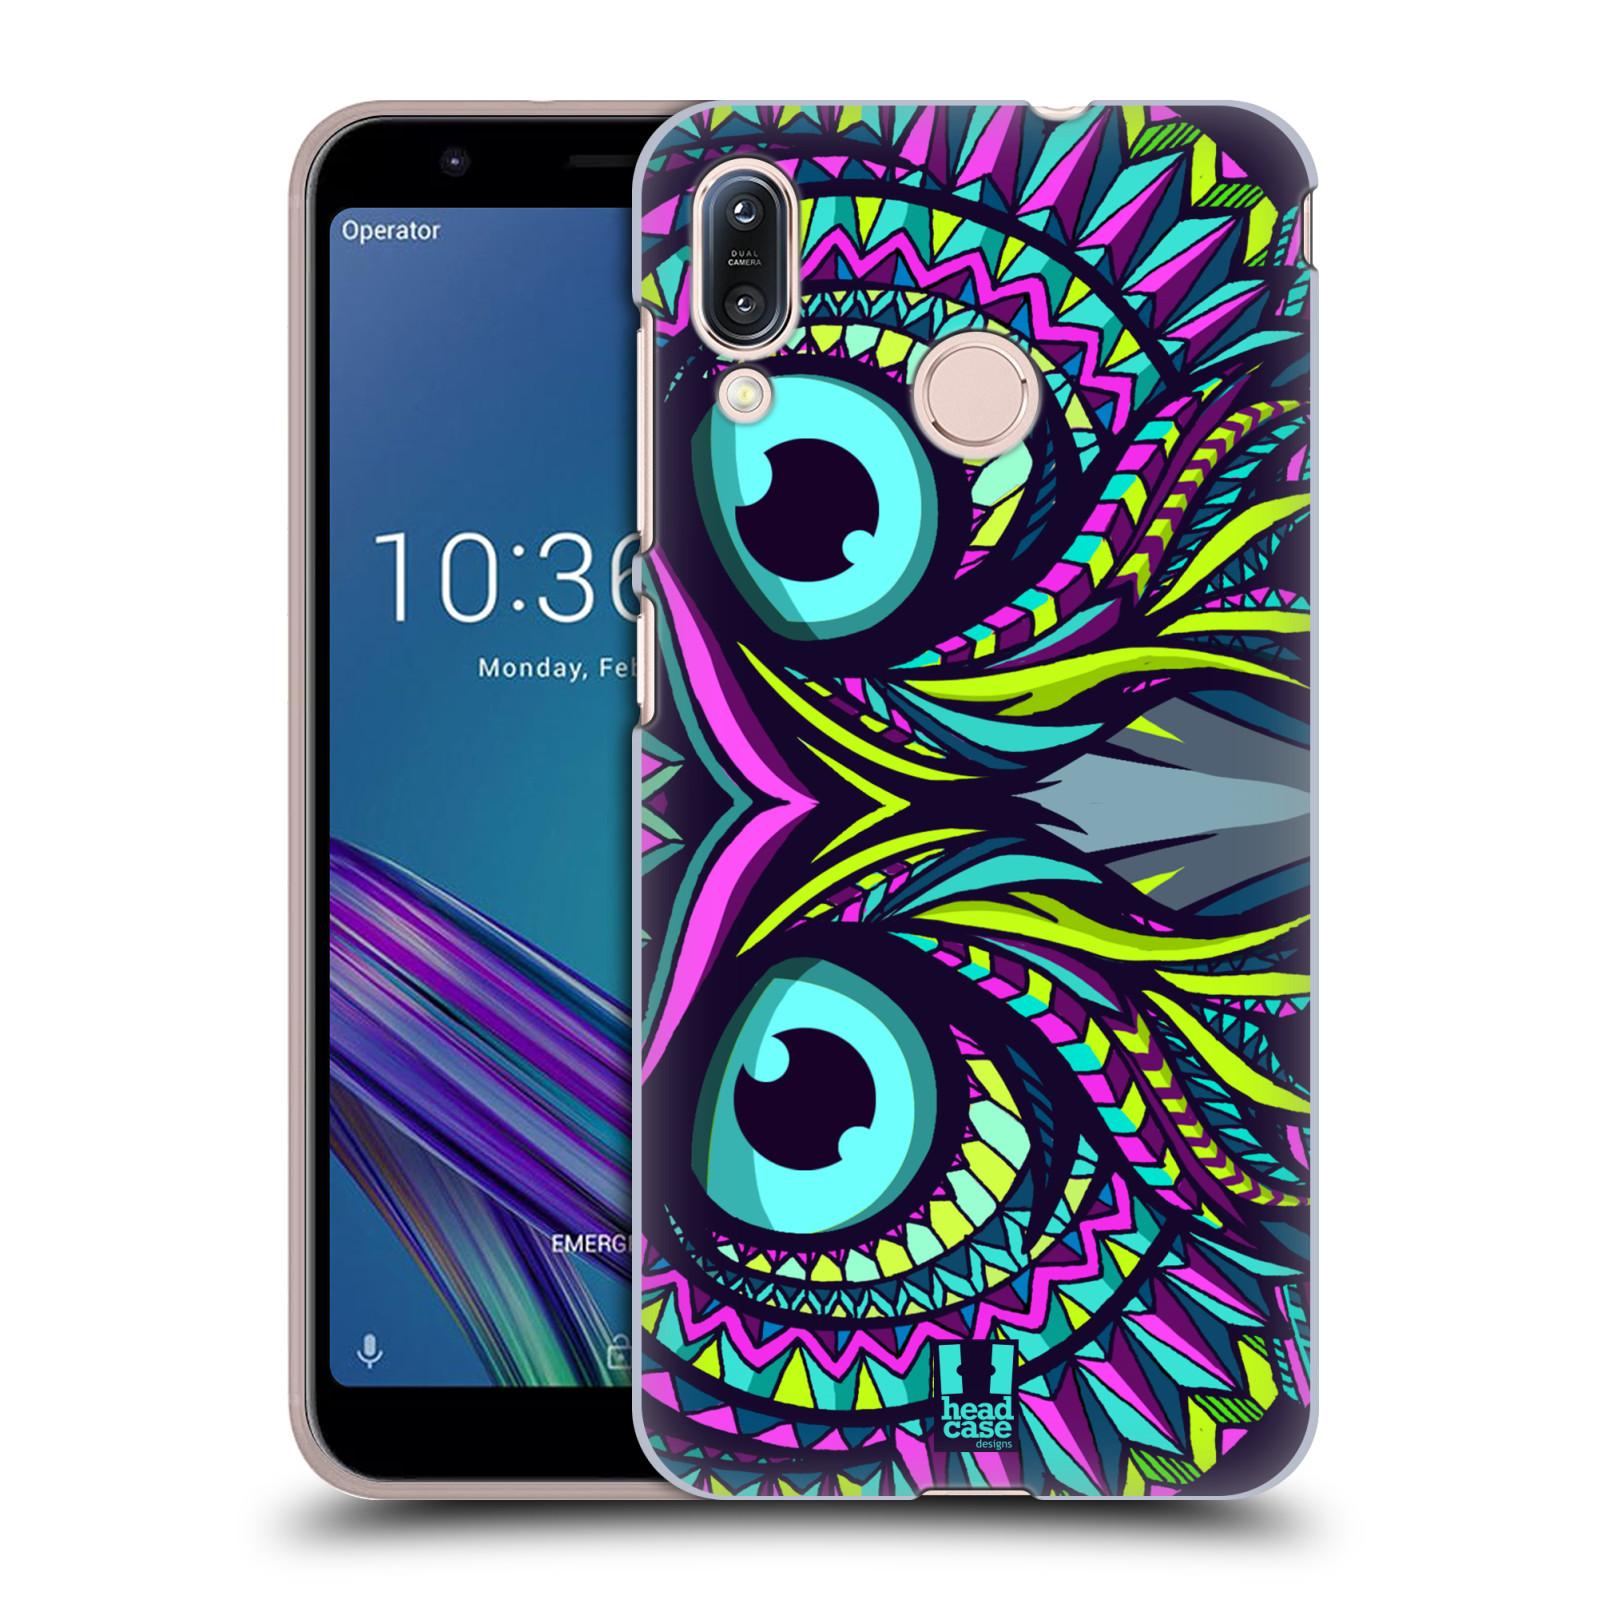 Pouzdro na mobil Asus Zenfone Max M1 (ZB555KL) - HEAD CASE - vzor Aztécký motiv zvíře sova